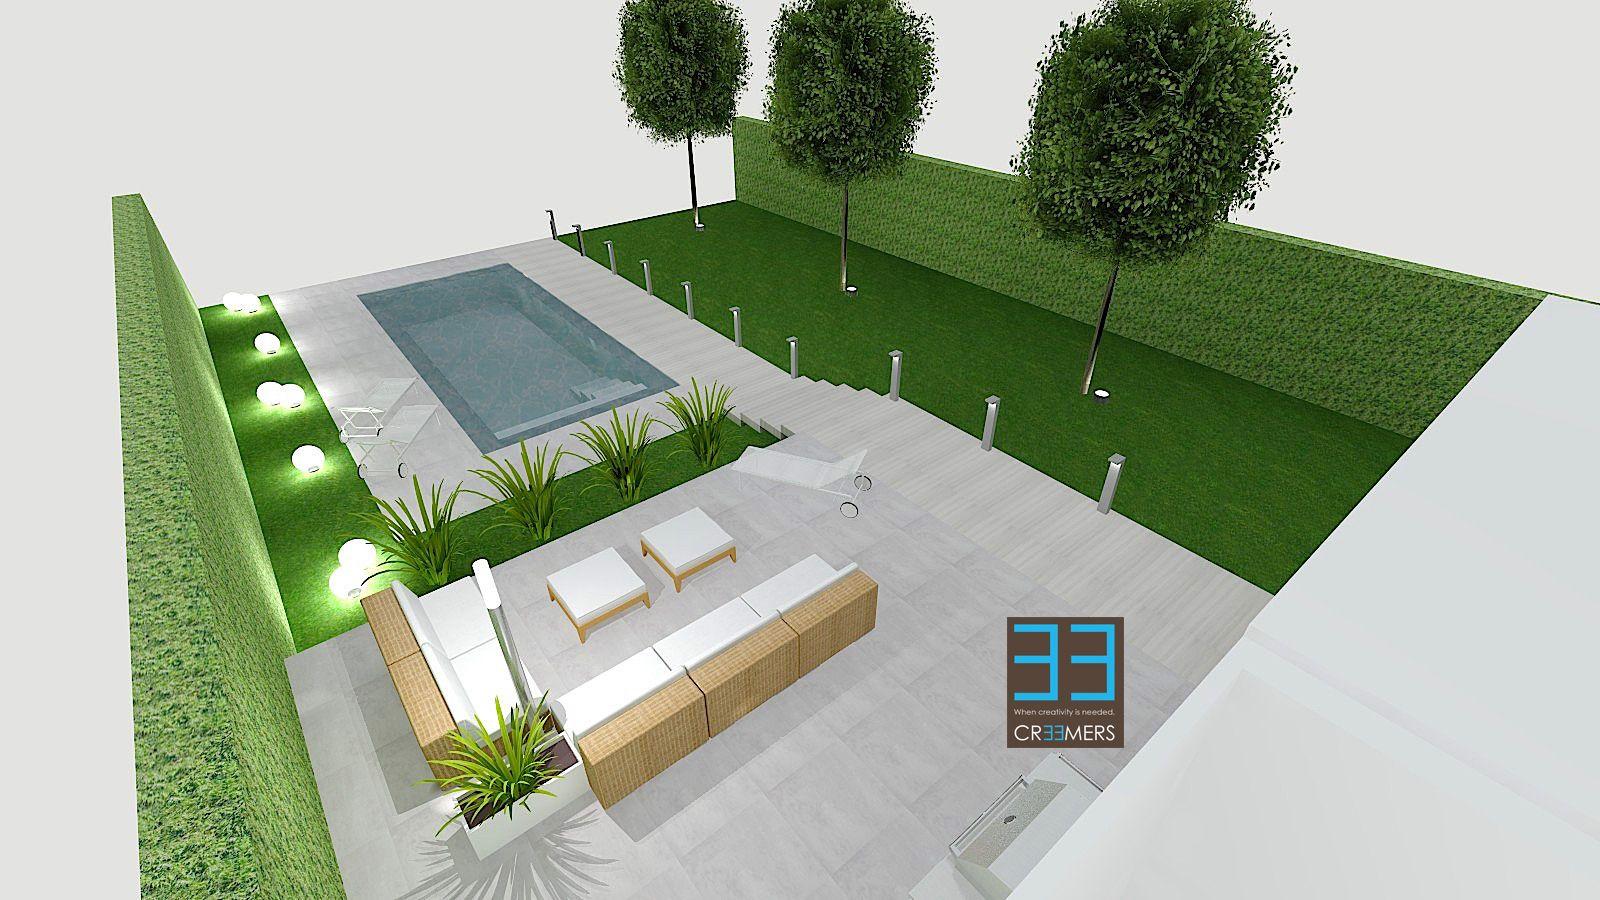 Tuin ontwerp met zwembad en lounge garden design with pool and